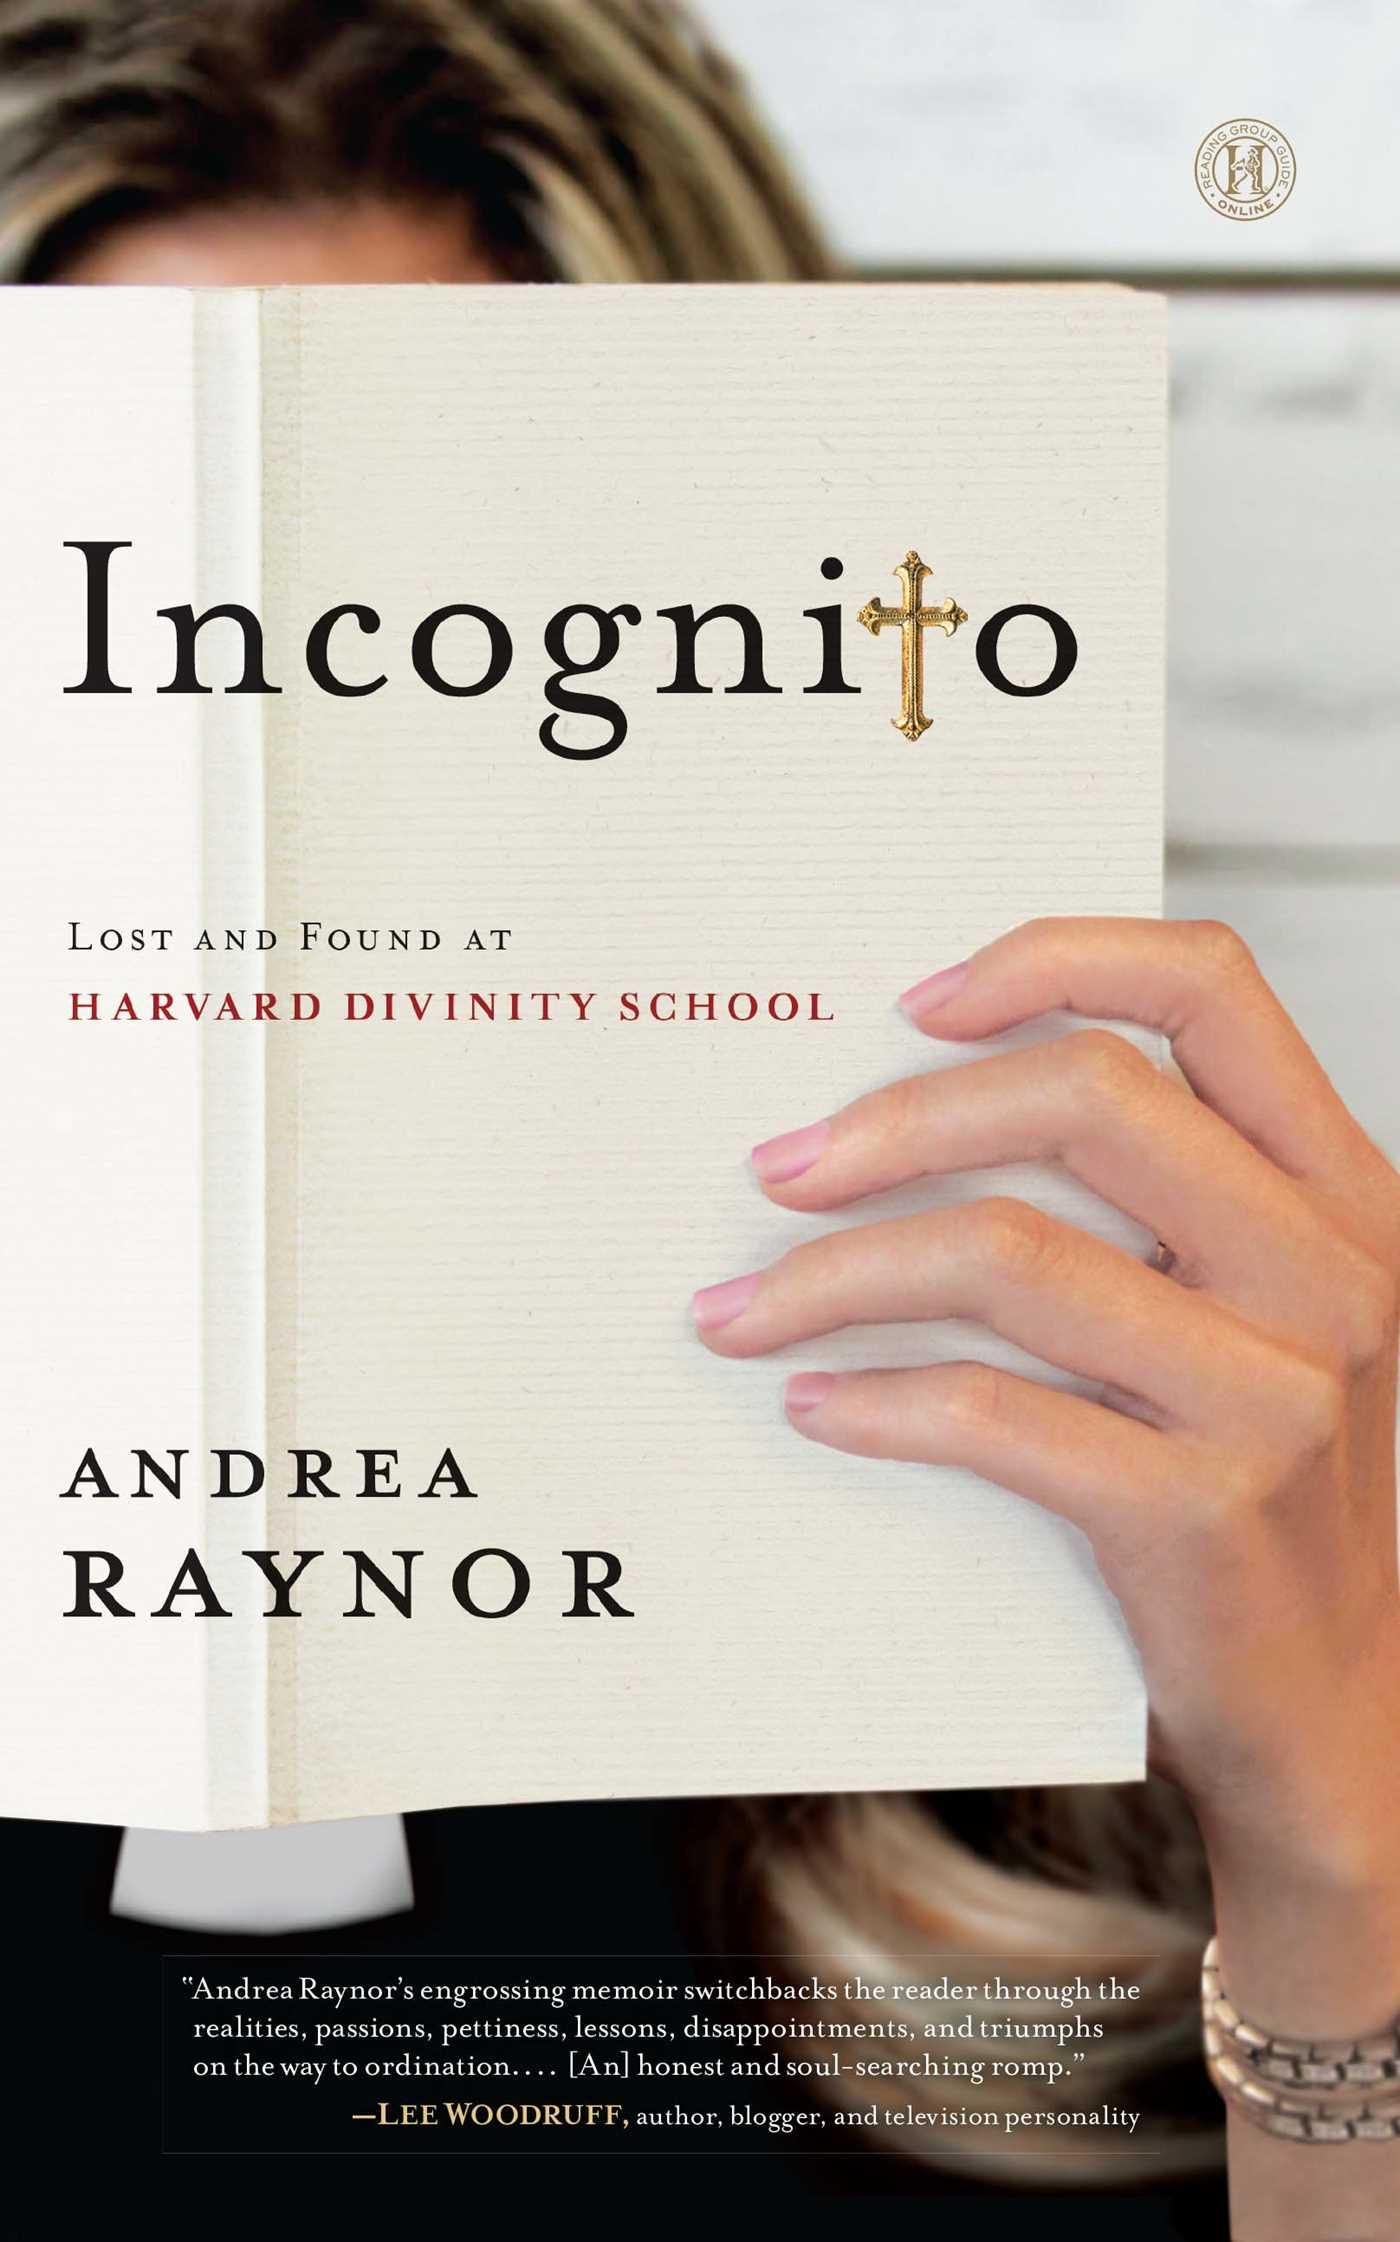 Incognito 9781476723648 hr